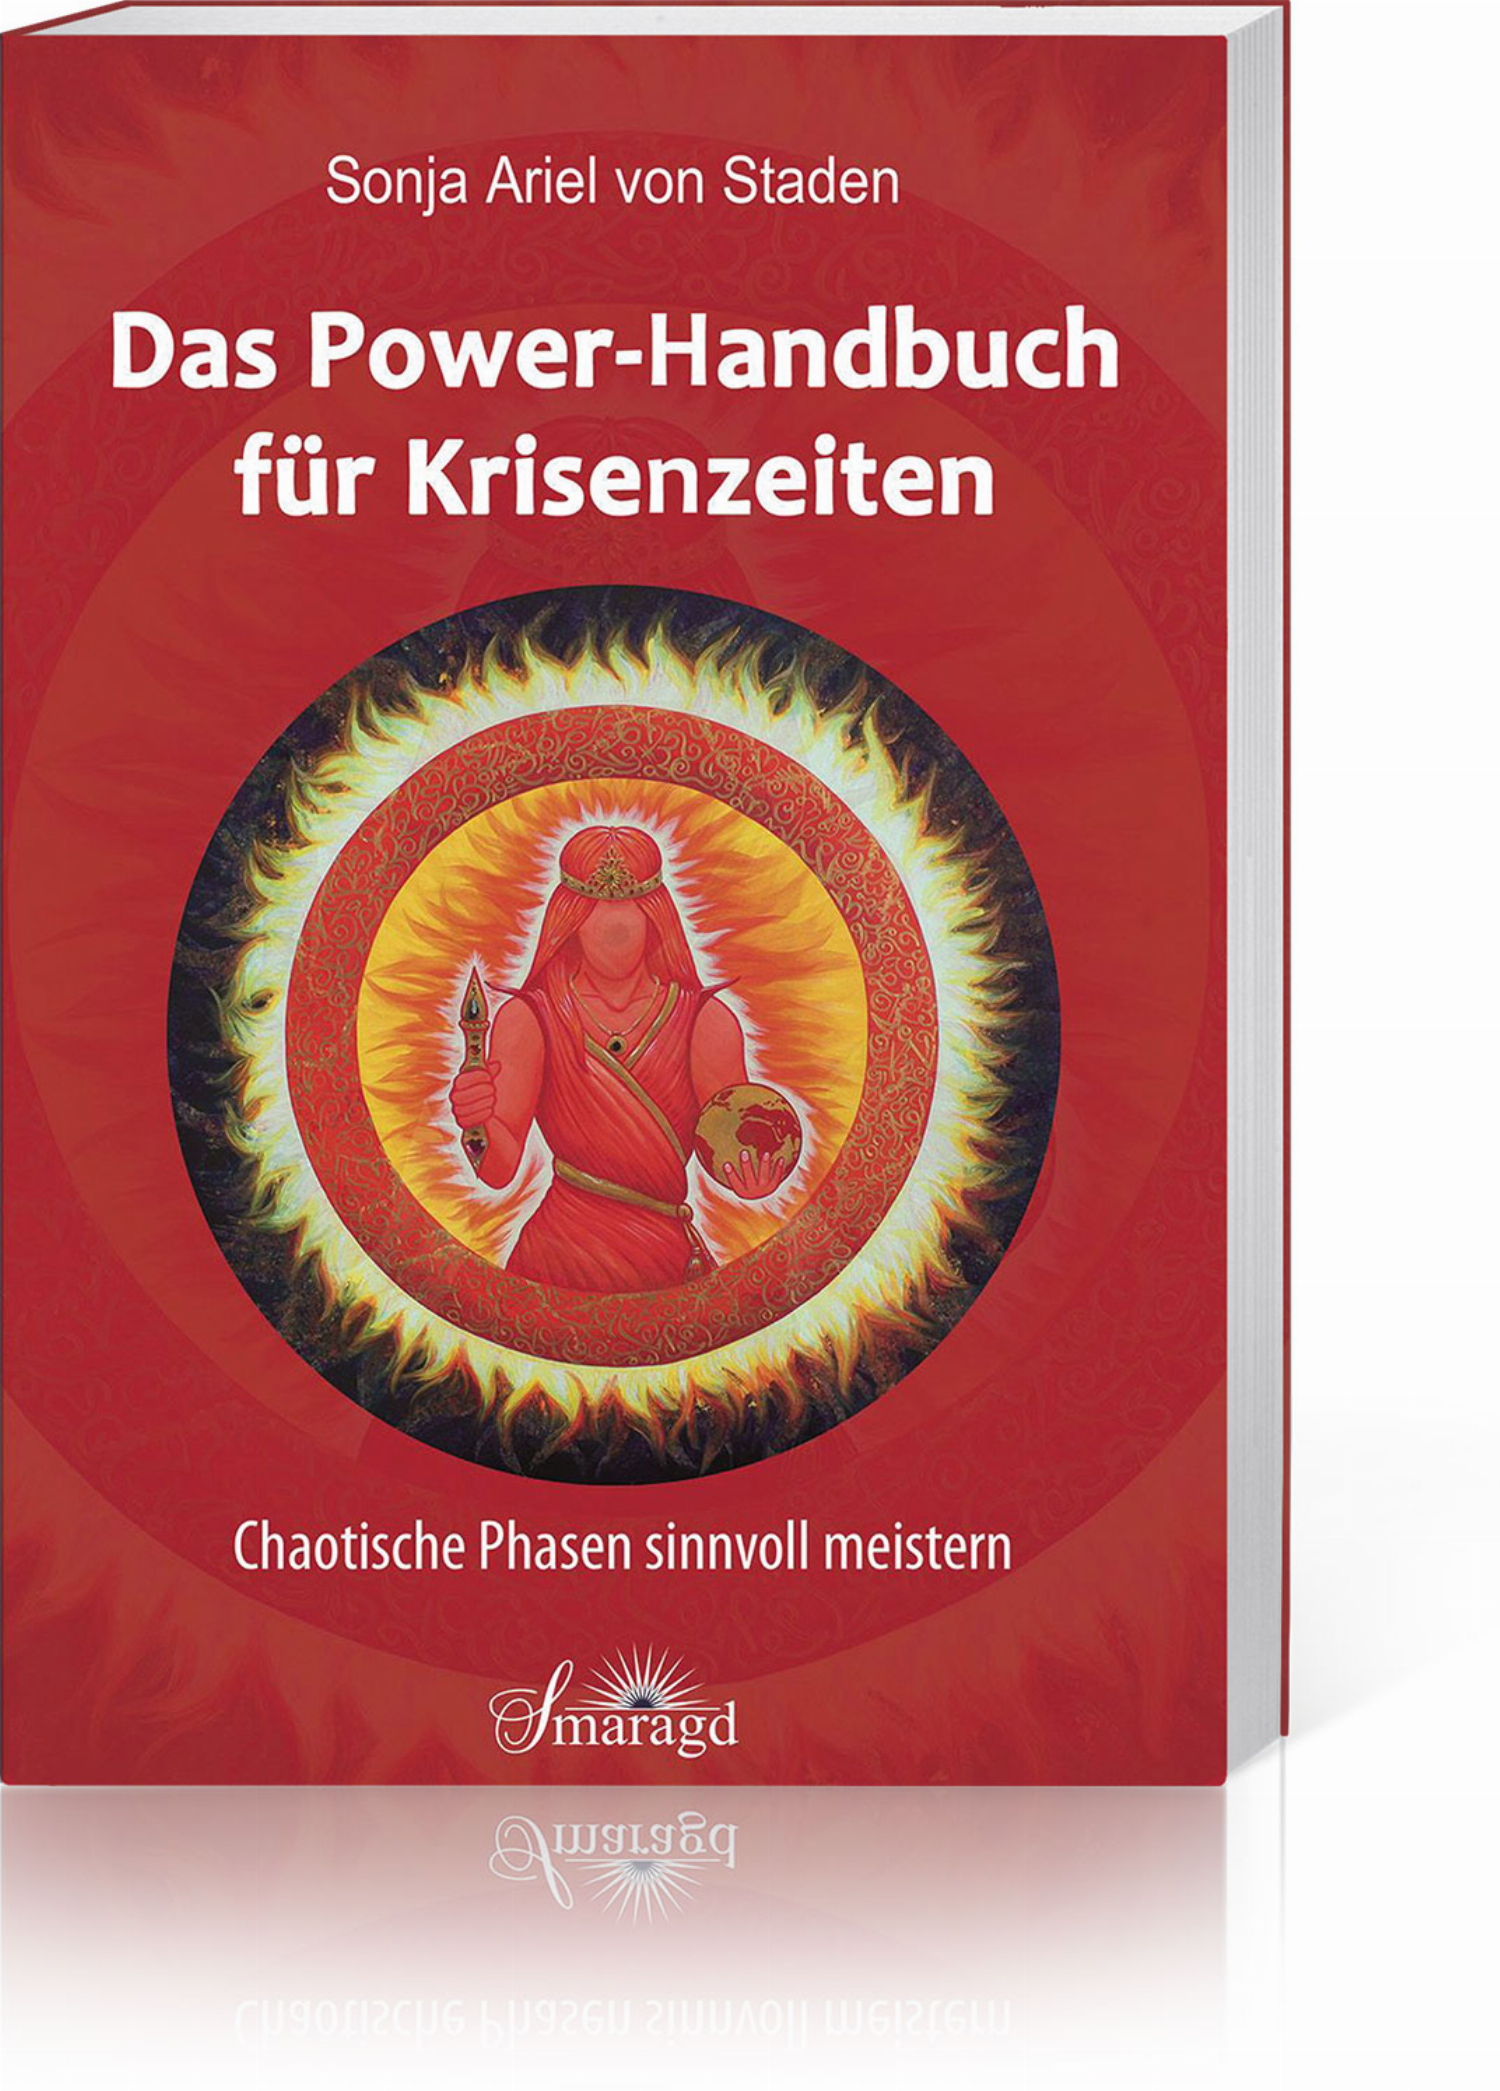 Das Power-Handbuch für Krisenzeiten, Produktbild 1